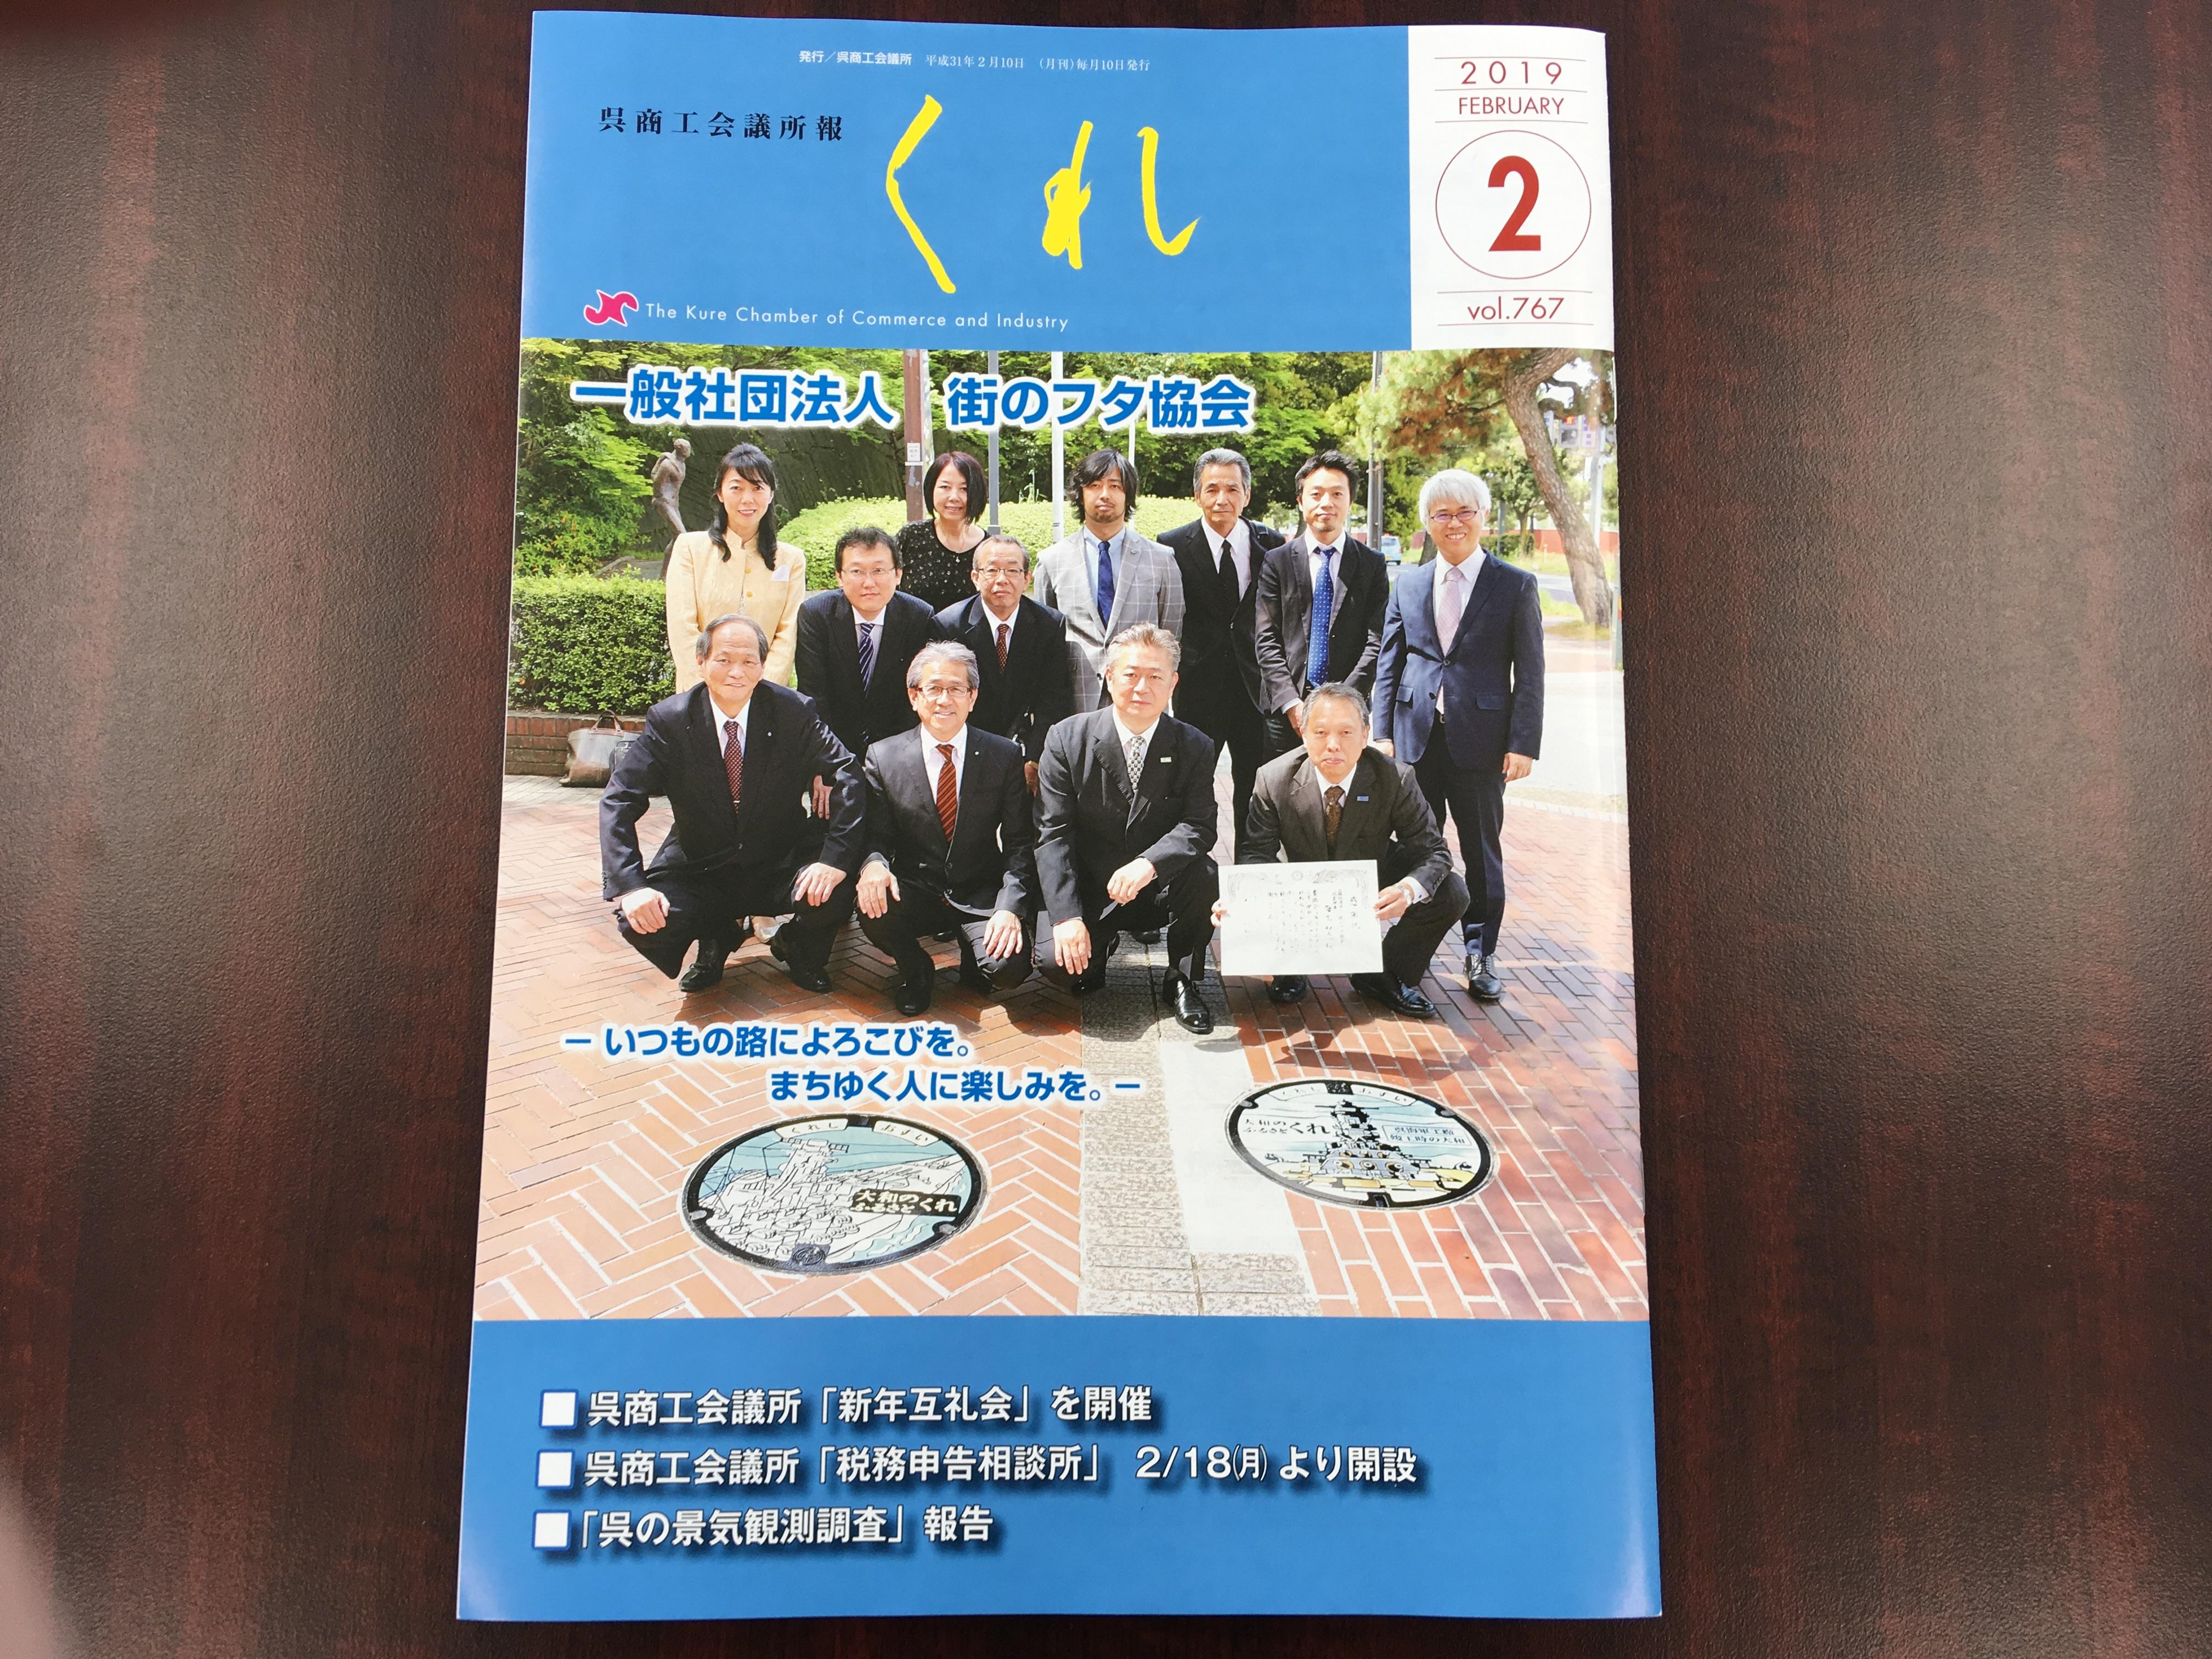 呉商工会議所報「くれ」2月号(vol.767)